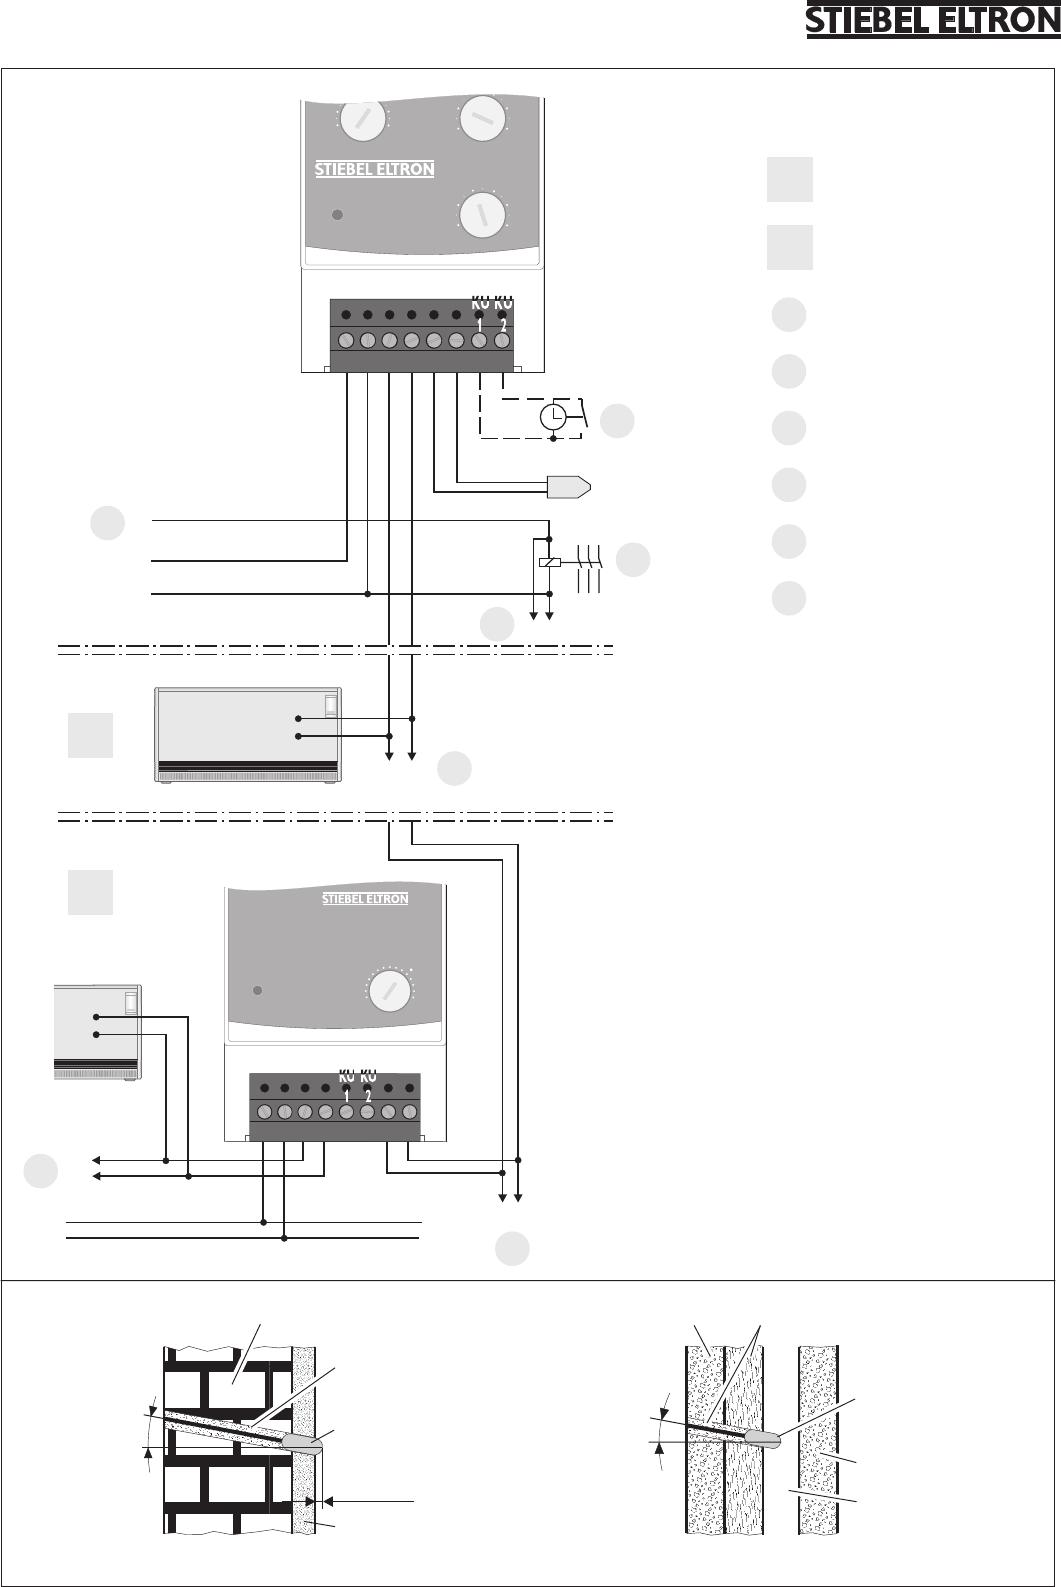 bedienungsanleitung stiebel eltron eas4 seite 5 von 8 deutsch. Black Bedroom Furniture Sets. Home Design Ideas